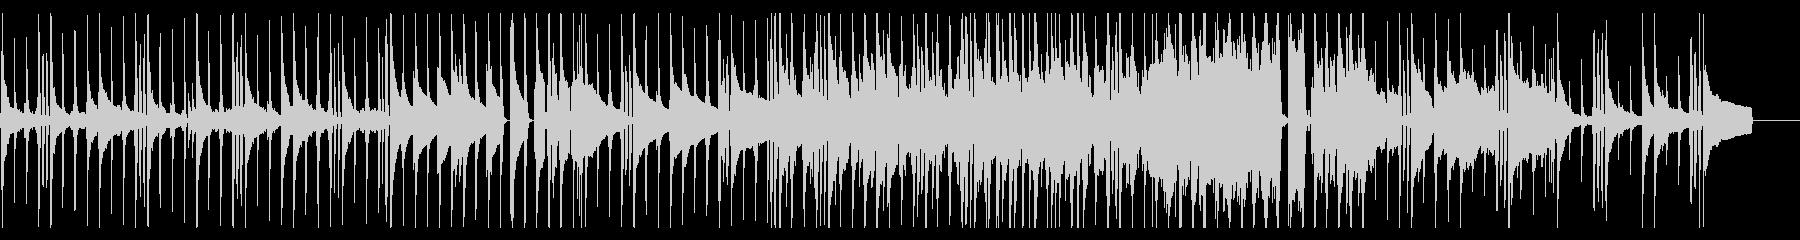 ピアノメインの優しくも強いロックバラードの未再生の波形